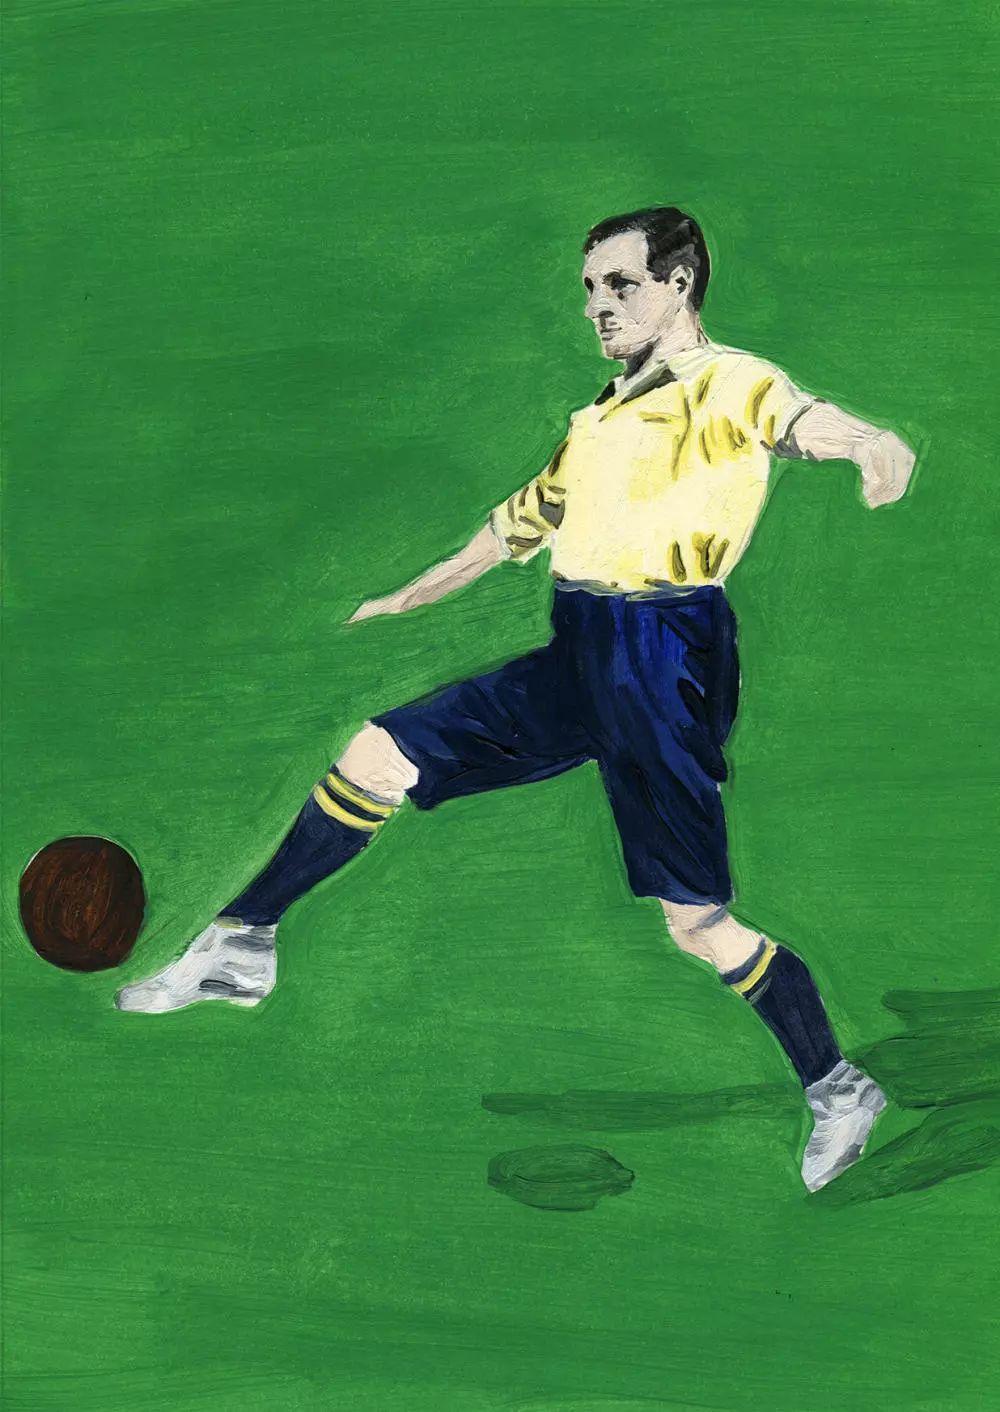 创刊号《 the england issue 》的封面拍了阿森纳年轻的左后卫吉布斯.